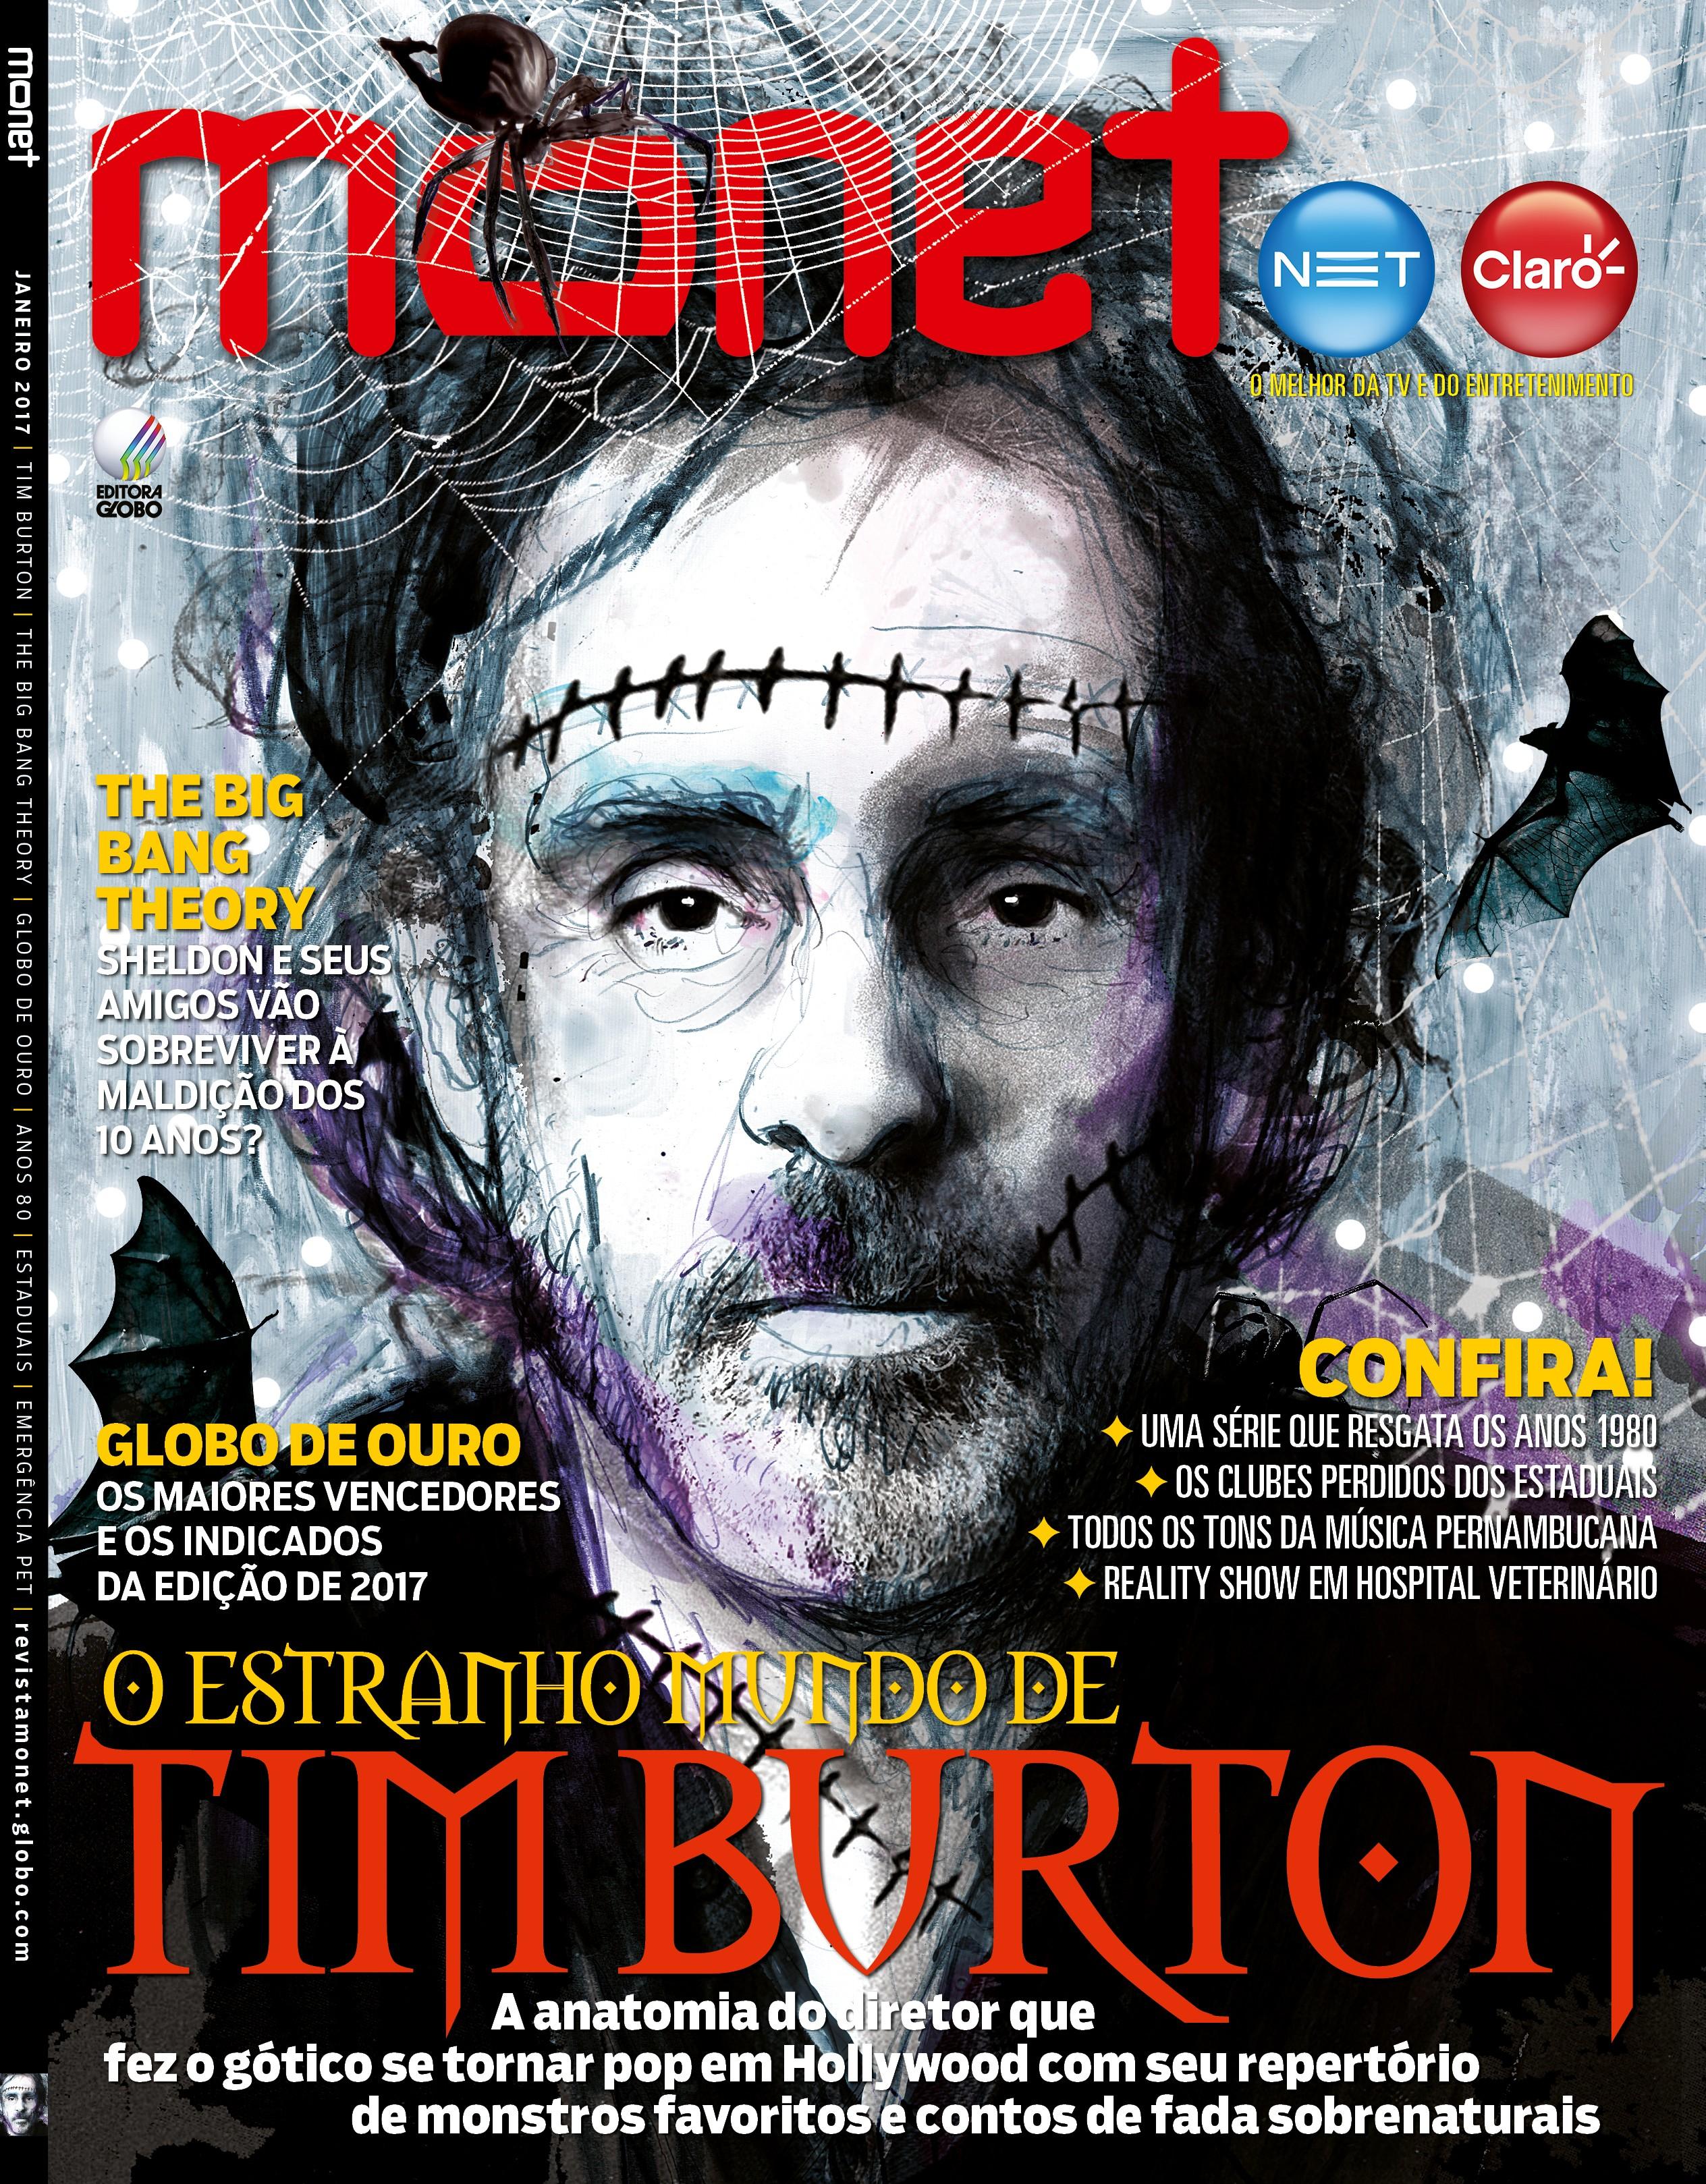 Revista Monet - Edição 166 - Janeiro/2017 (Foto: Monet)